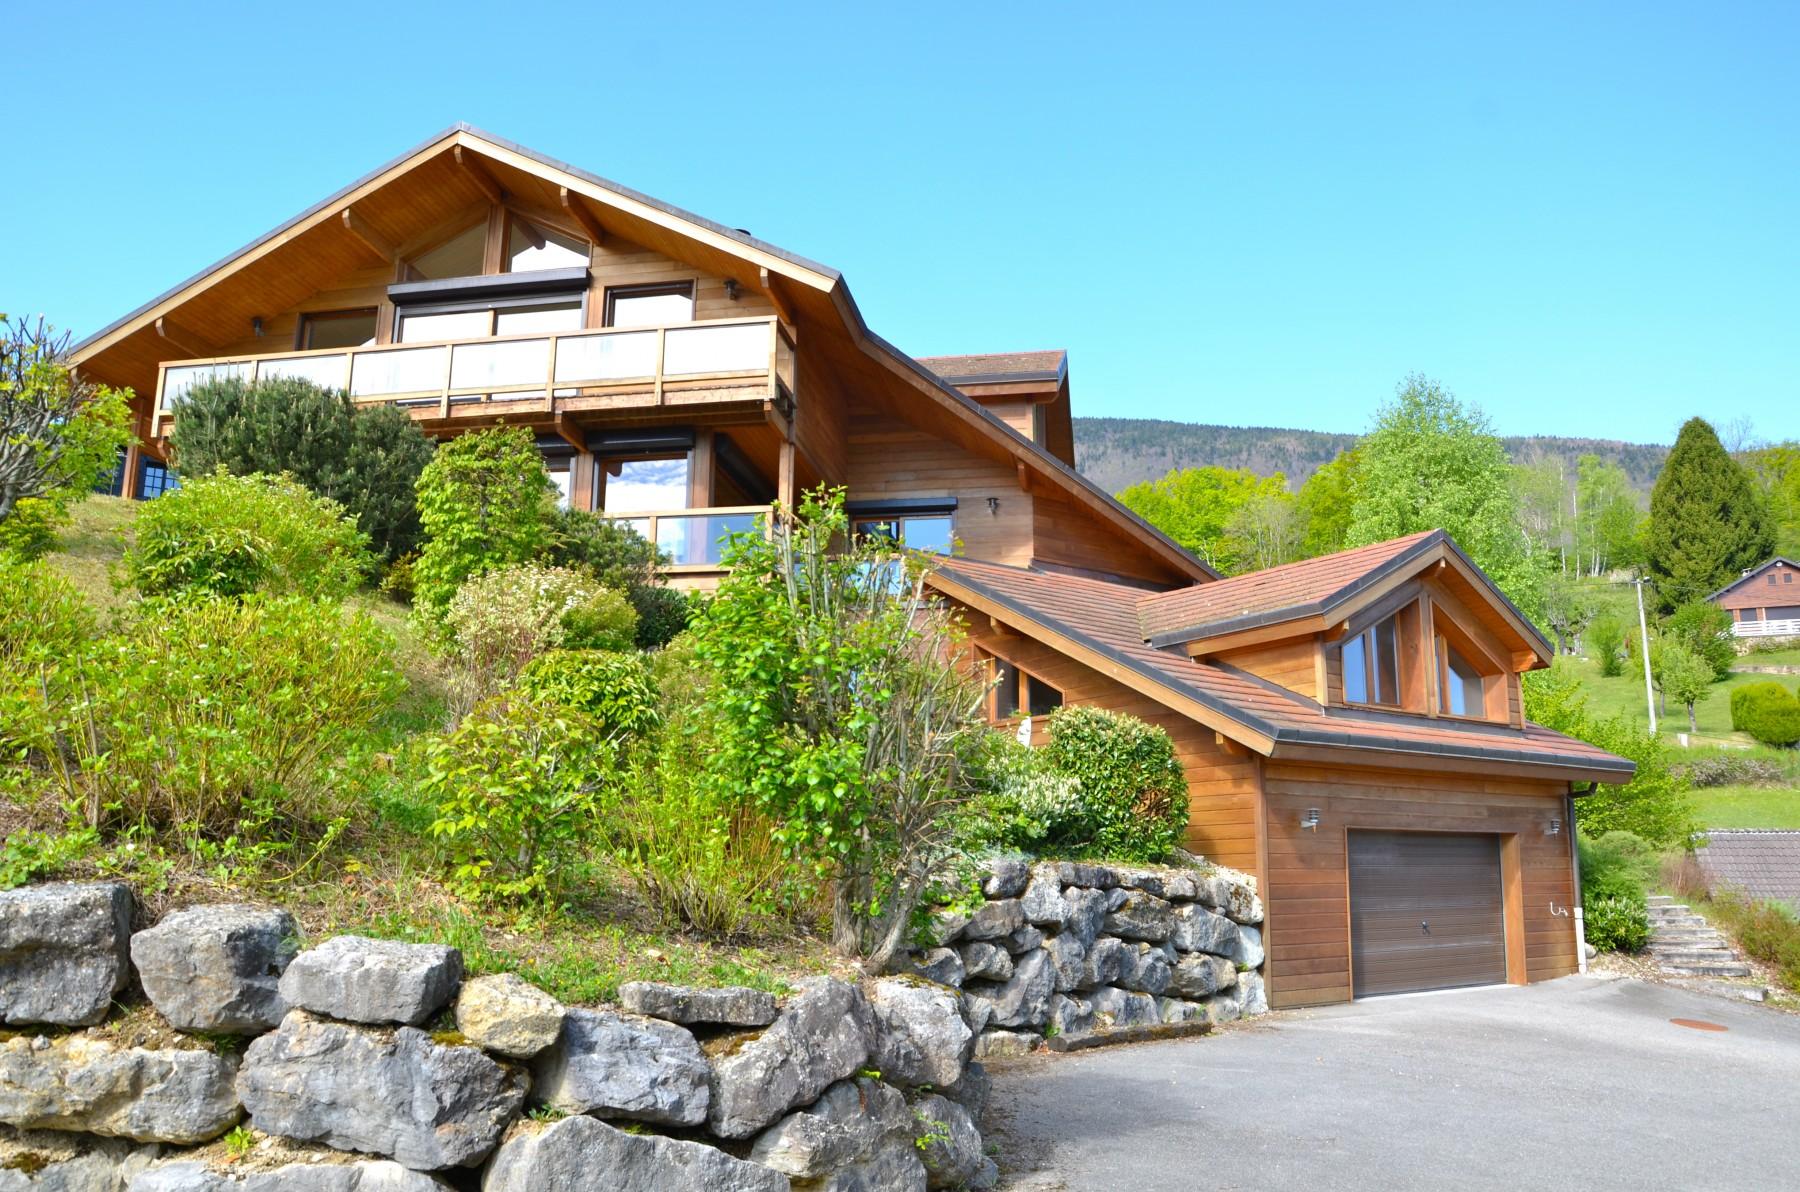 Maisons a saint jorioz st jorioz maison bois avec for Piscine bois maison